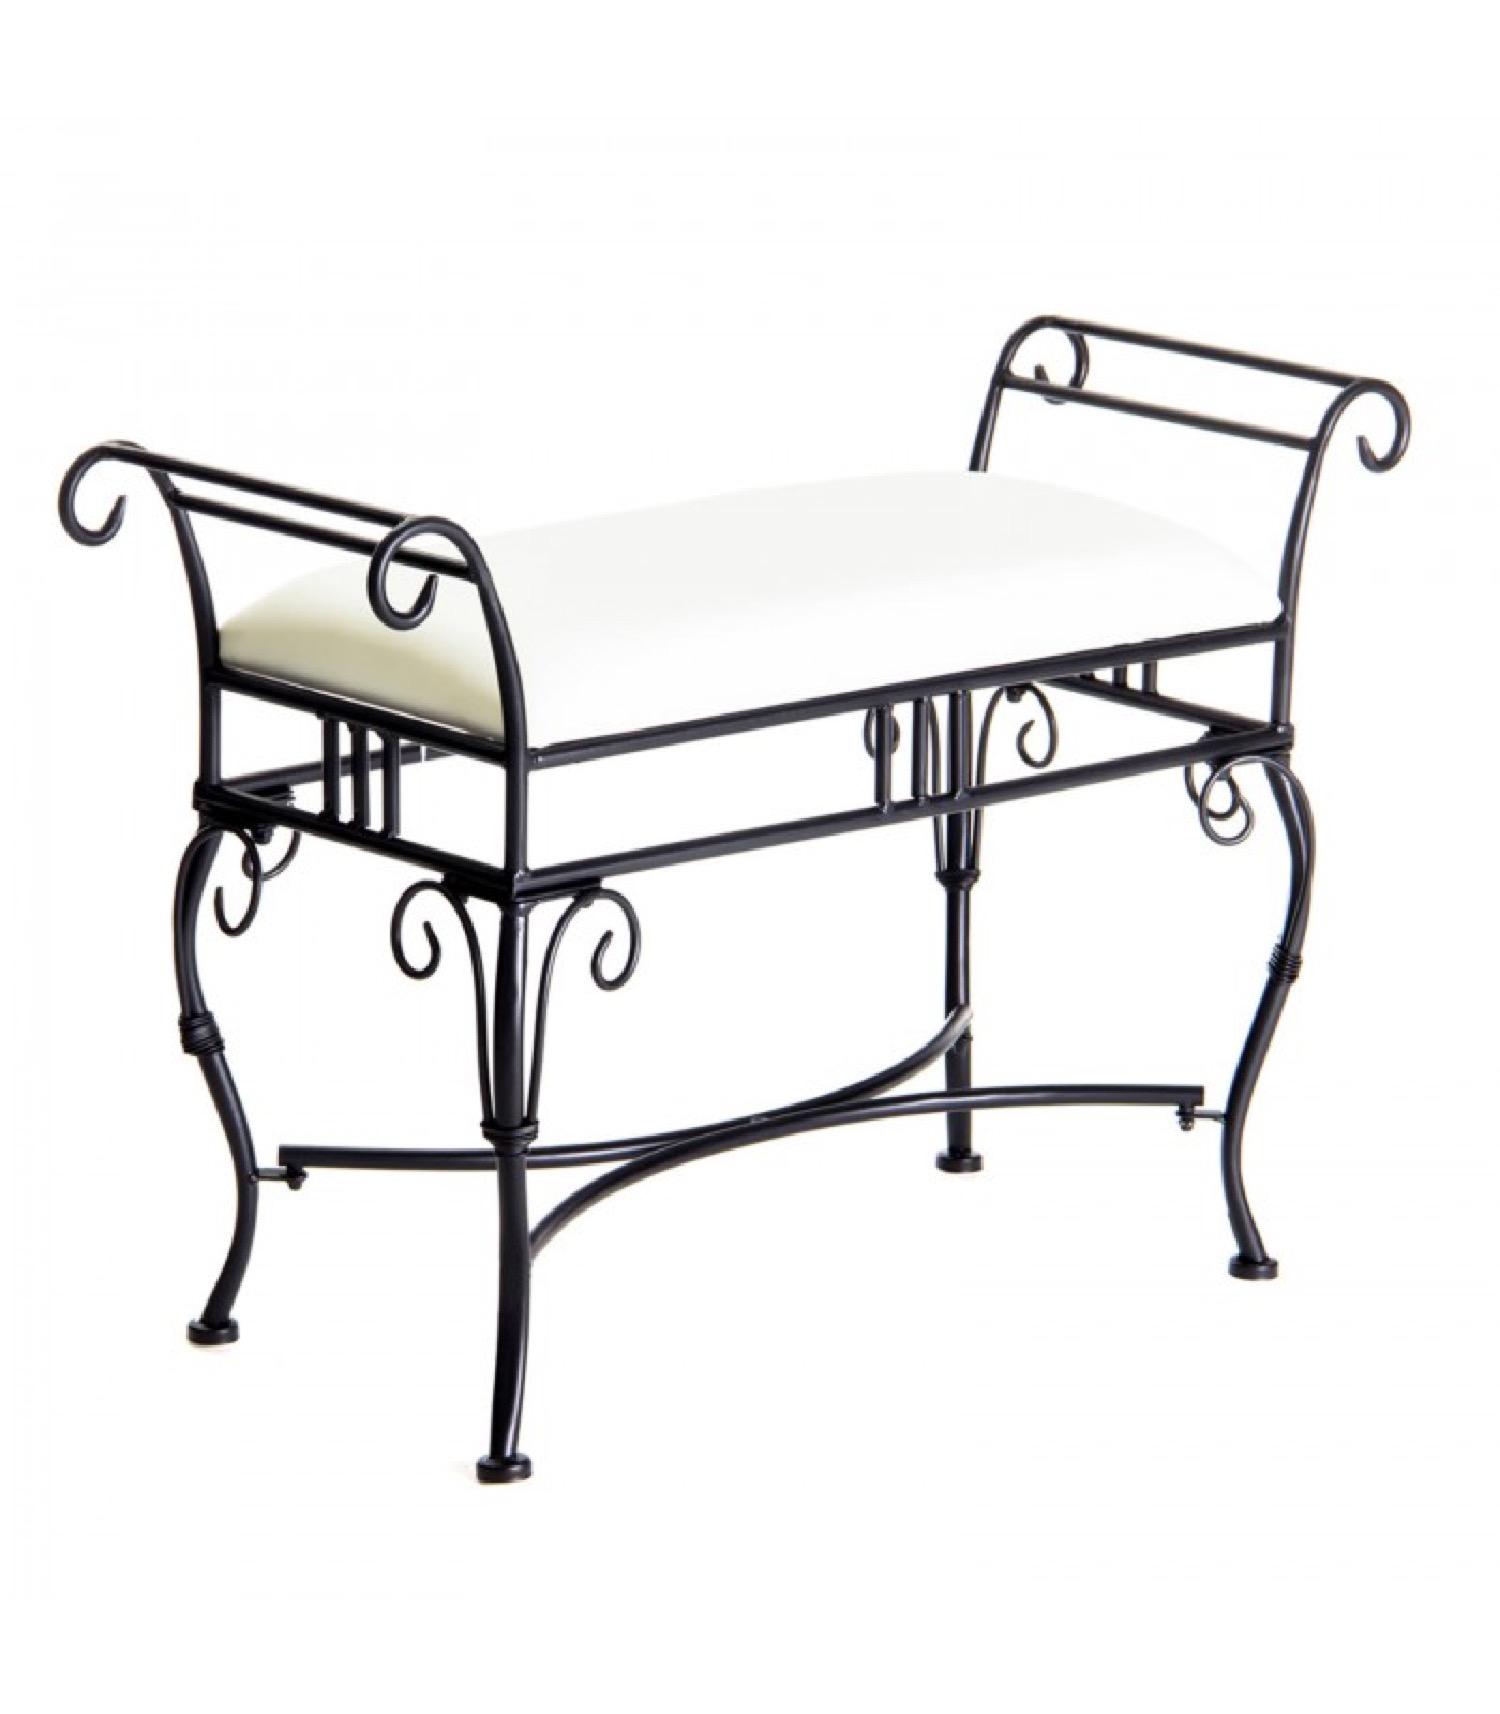 Banquette en métal noir et assise rembourrée tissu blanc